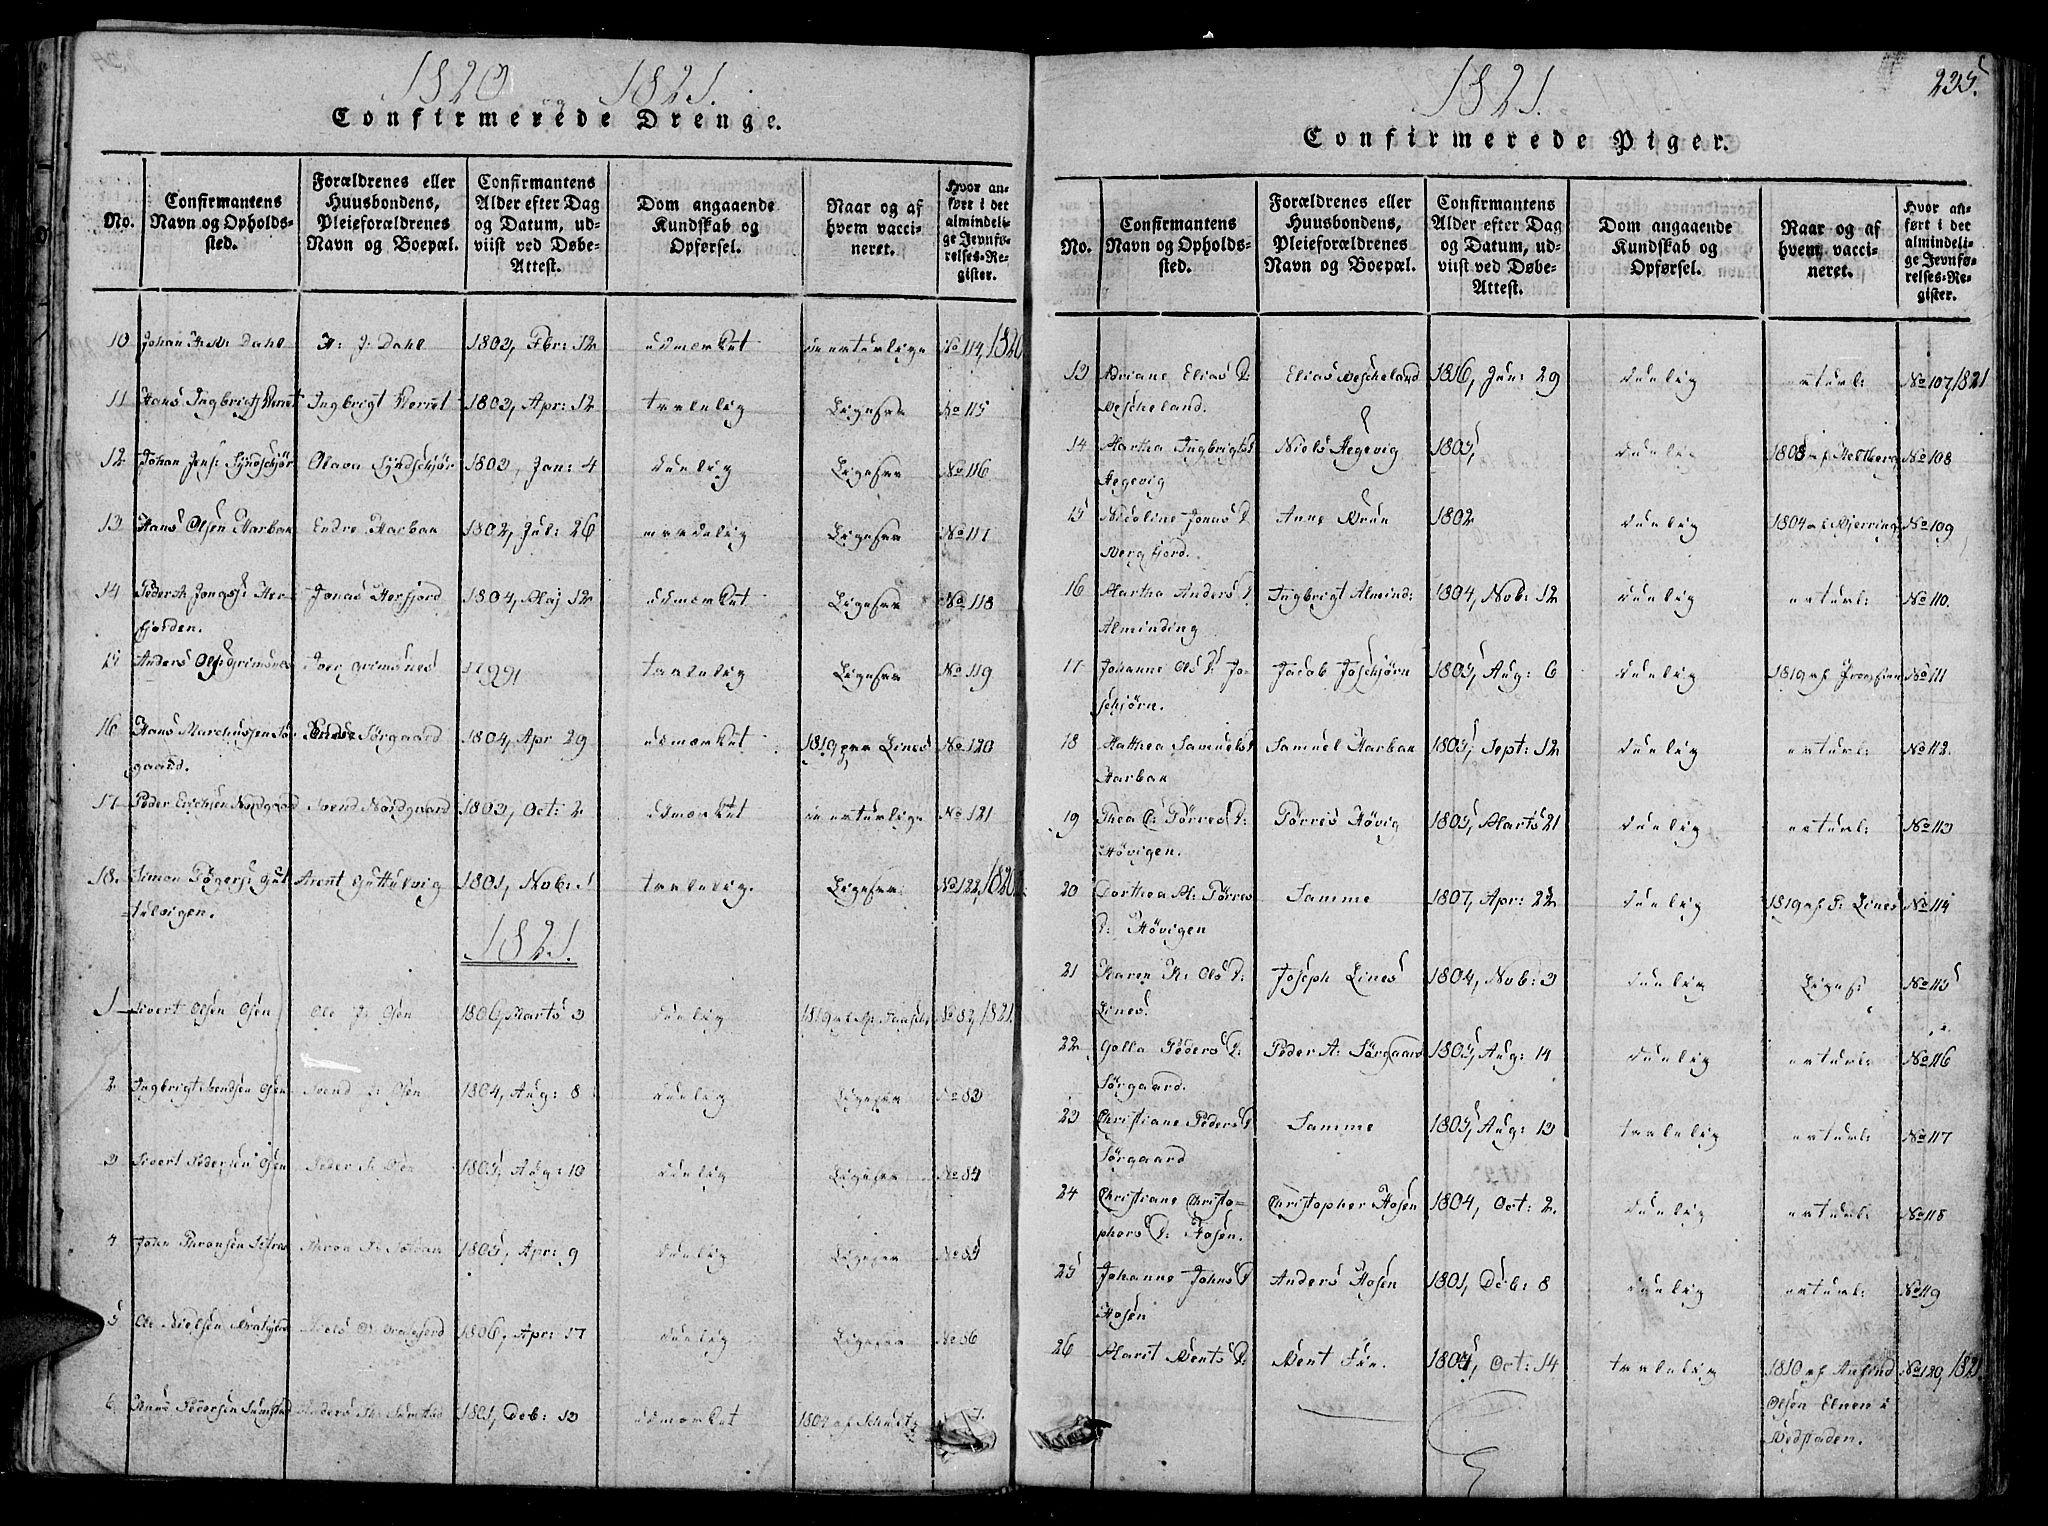 SAT, Ministerialprotokoller, klokkerbøker og fødselsregistre - Sør-Trøndelag, 657/L0702: Ministerialbok nr. 657A03, 1818-1831, s. 235